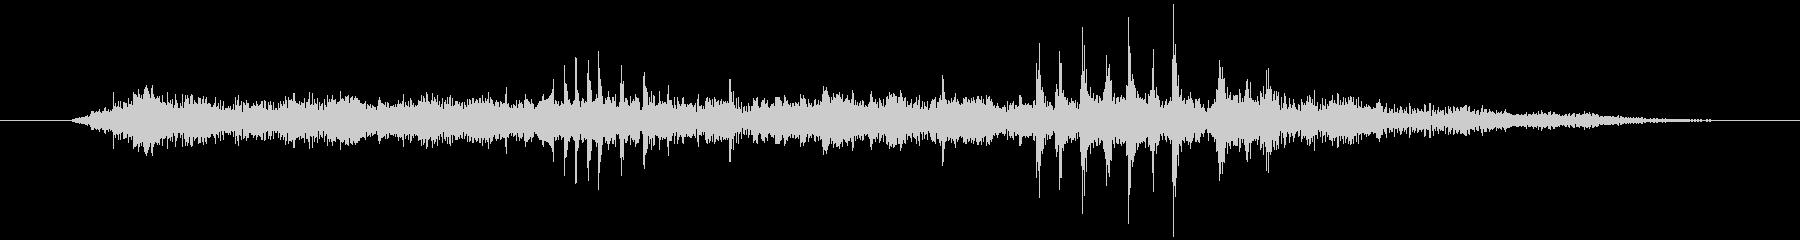 怪しいベル音2の未再生の波形